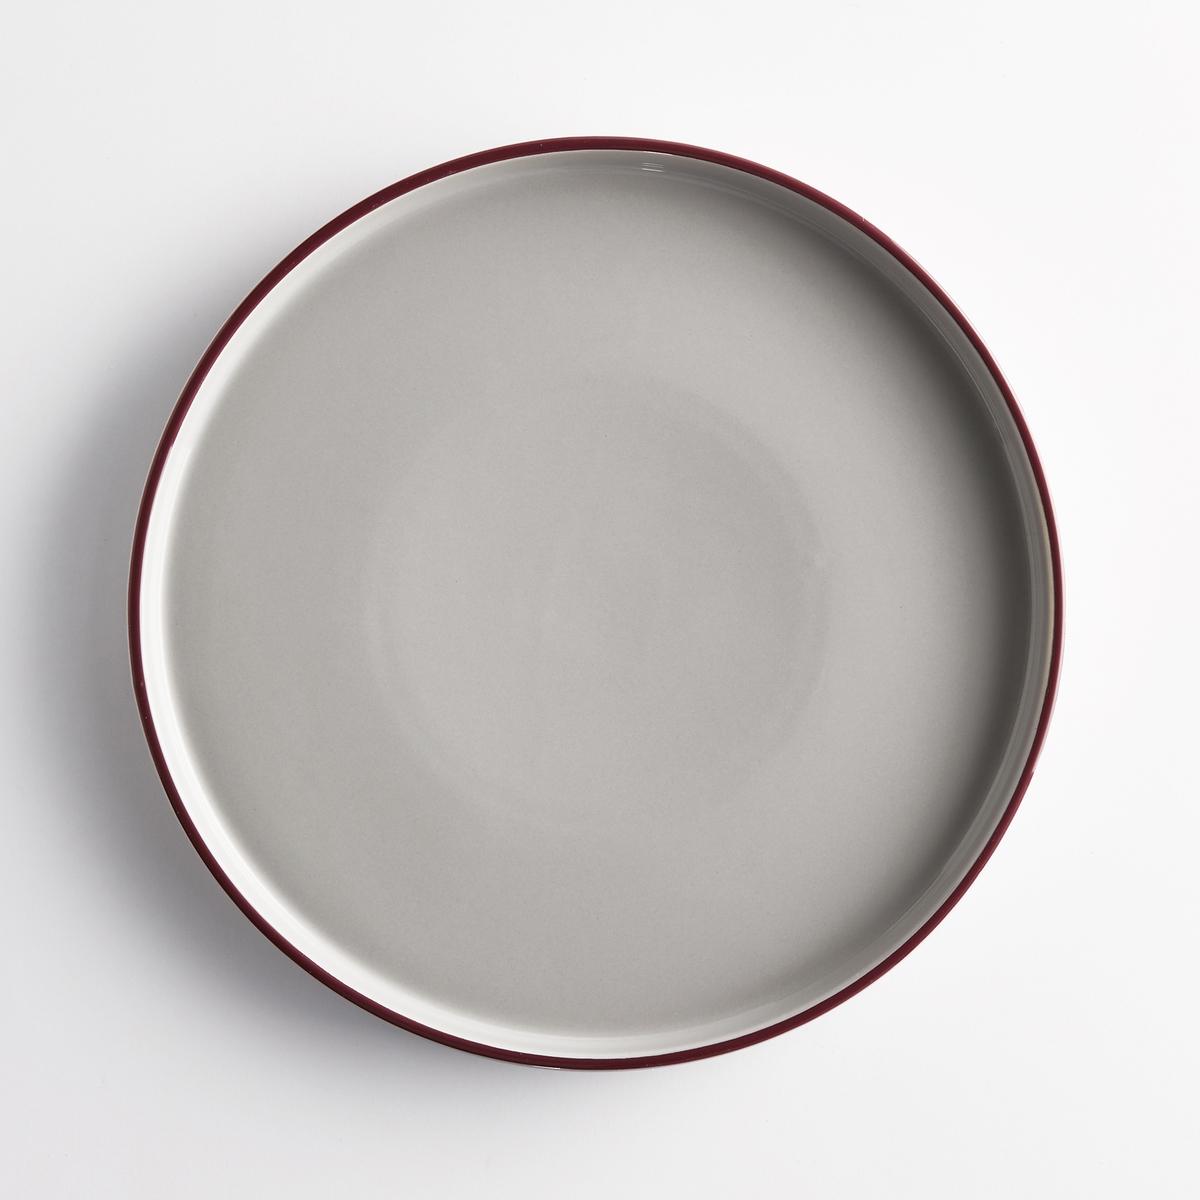 Тарелка плоская керамическая (4 шт.) DRISKOL